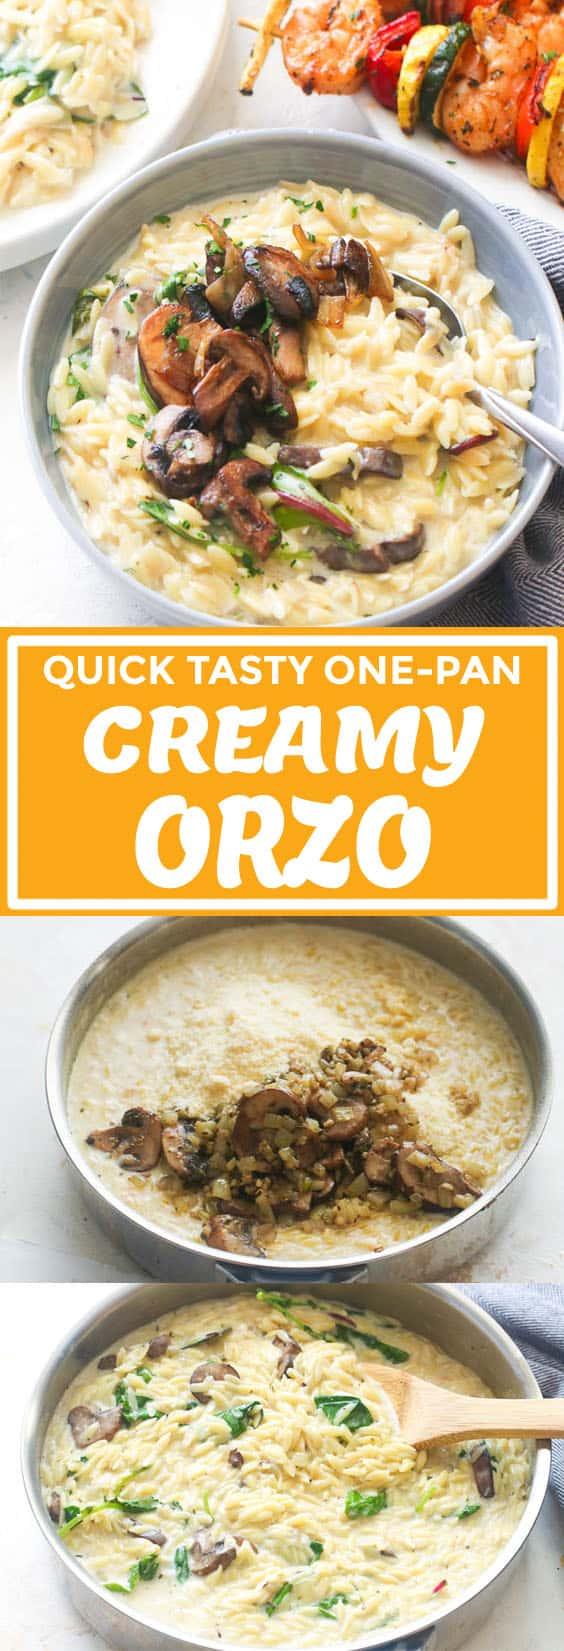 Creamy Orzo